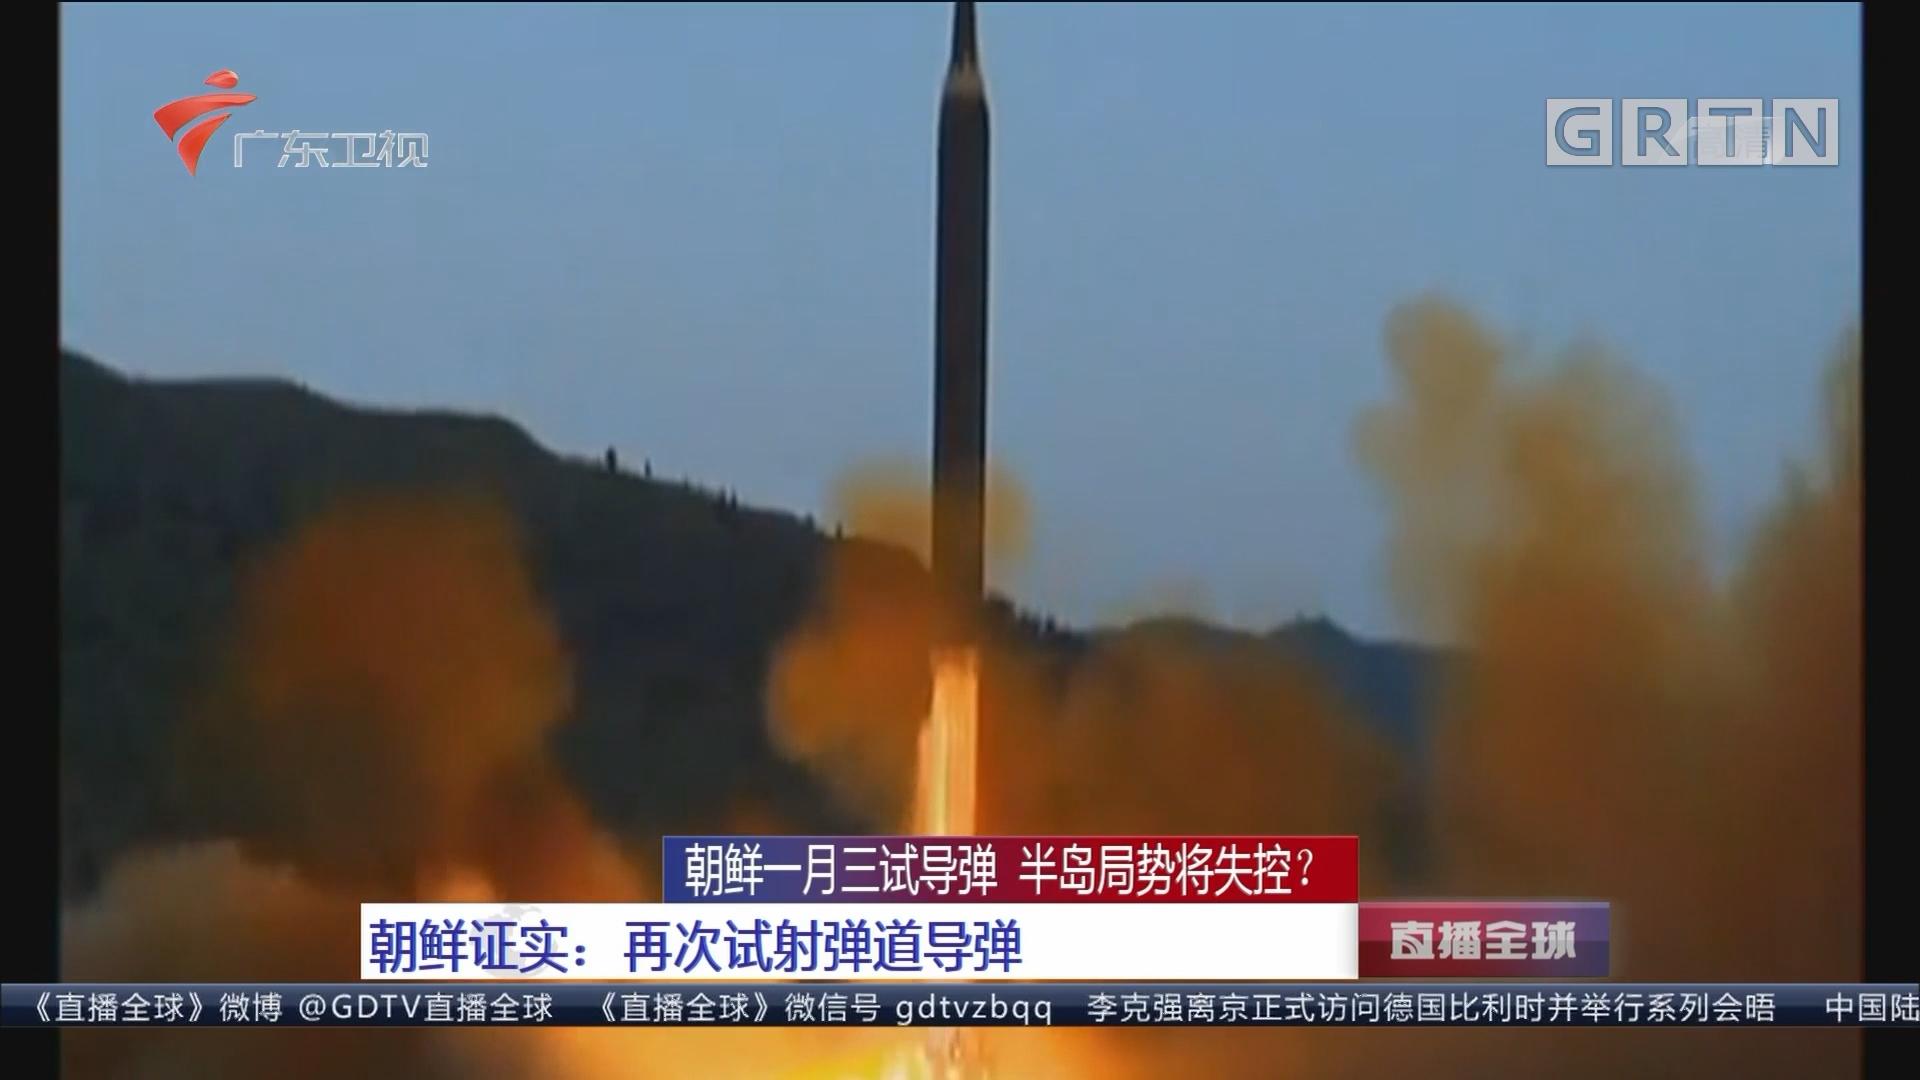 朝鲜一月三试导弹 半岛局势将失控?朝鲜证实:再次试射弹道导弹